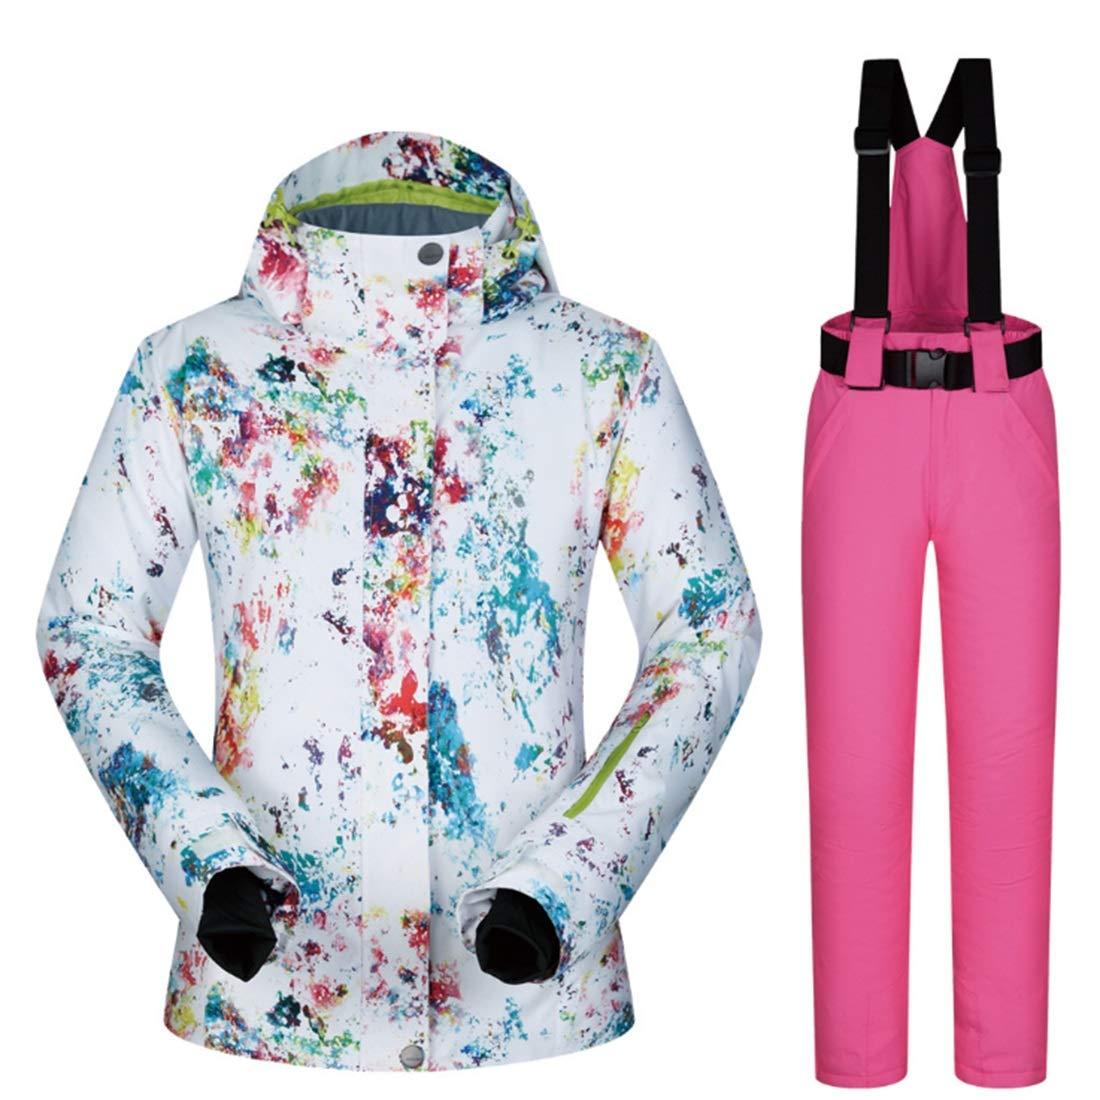 UICICI Damen Mountain Waterproof Ski Jacke für Regen Schnee Outdoor Wandern